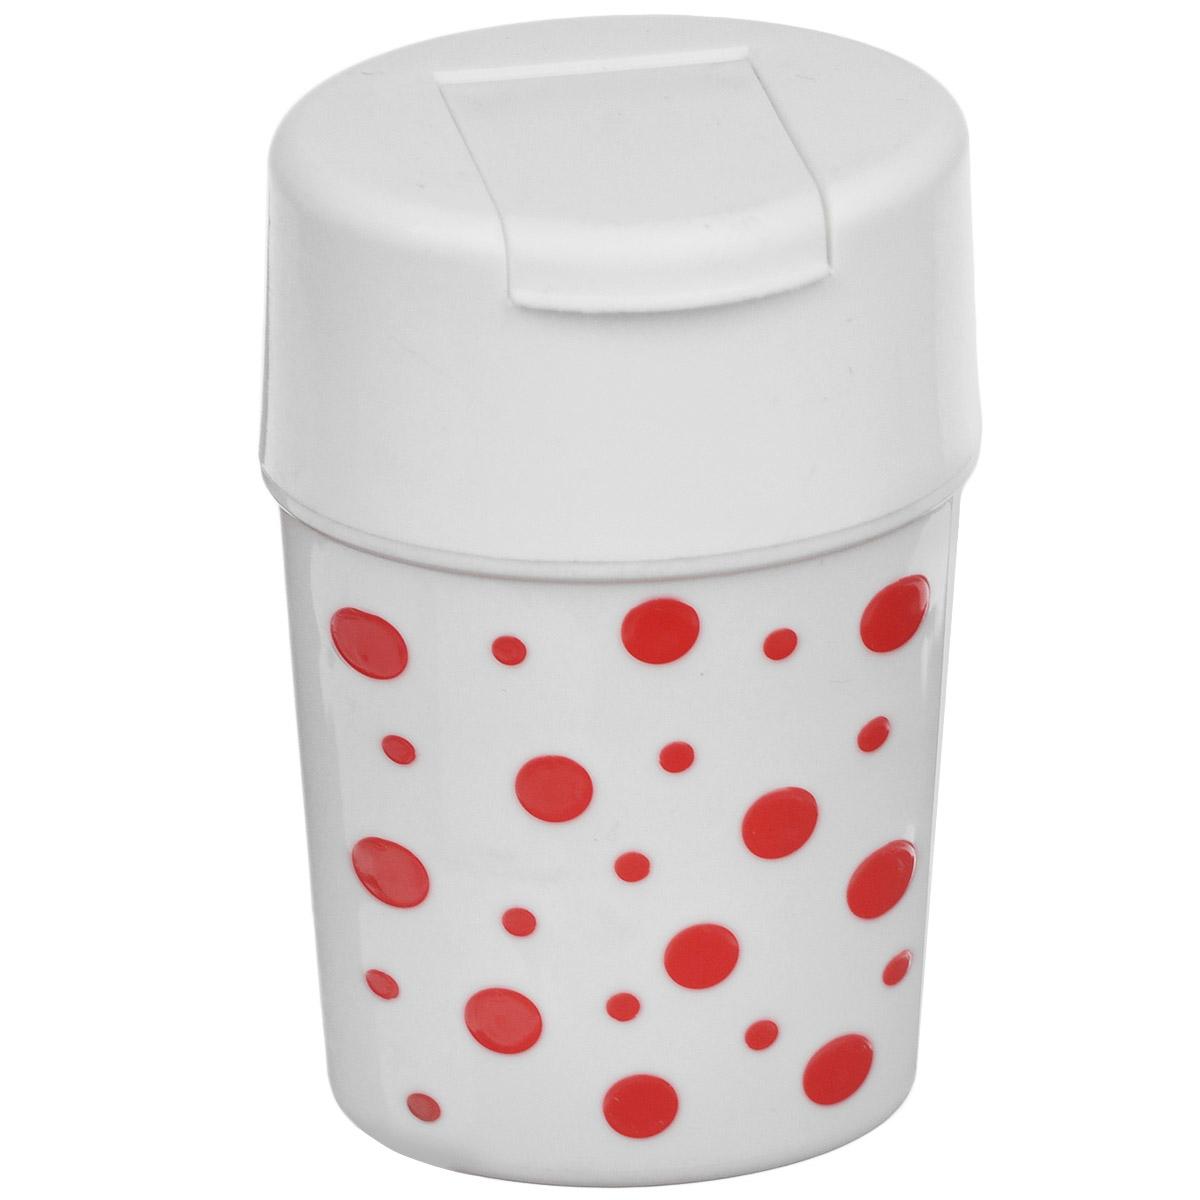 Солонка Альтернатива Горошек, цвет: белый, красный, 5,5 см х 4,5 см х 8 смM3812Солонка Альтернатива Горошек изготовлена из пластика. Она легка в использовании, стоит только открыть крышку, и вы с легкостью сможете посолить по своему вкусу любое блюдо. Солонка такого дизайна будет отлично смотреться на вашей кухне.